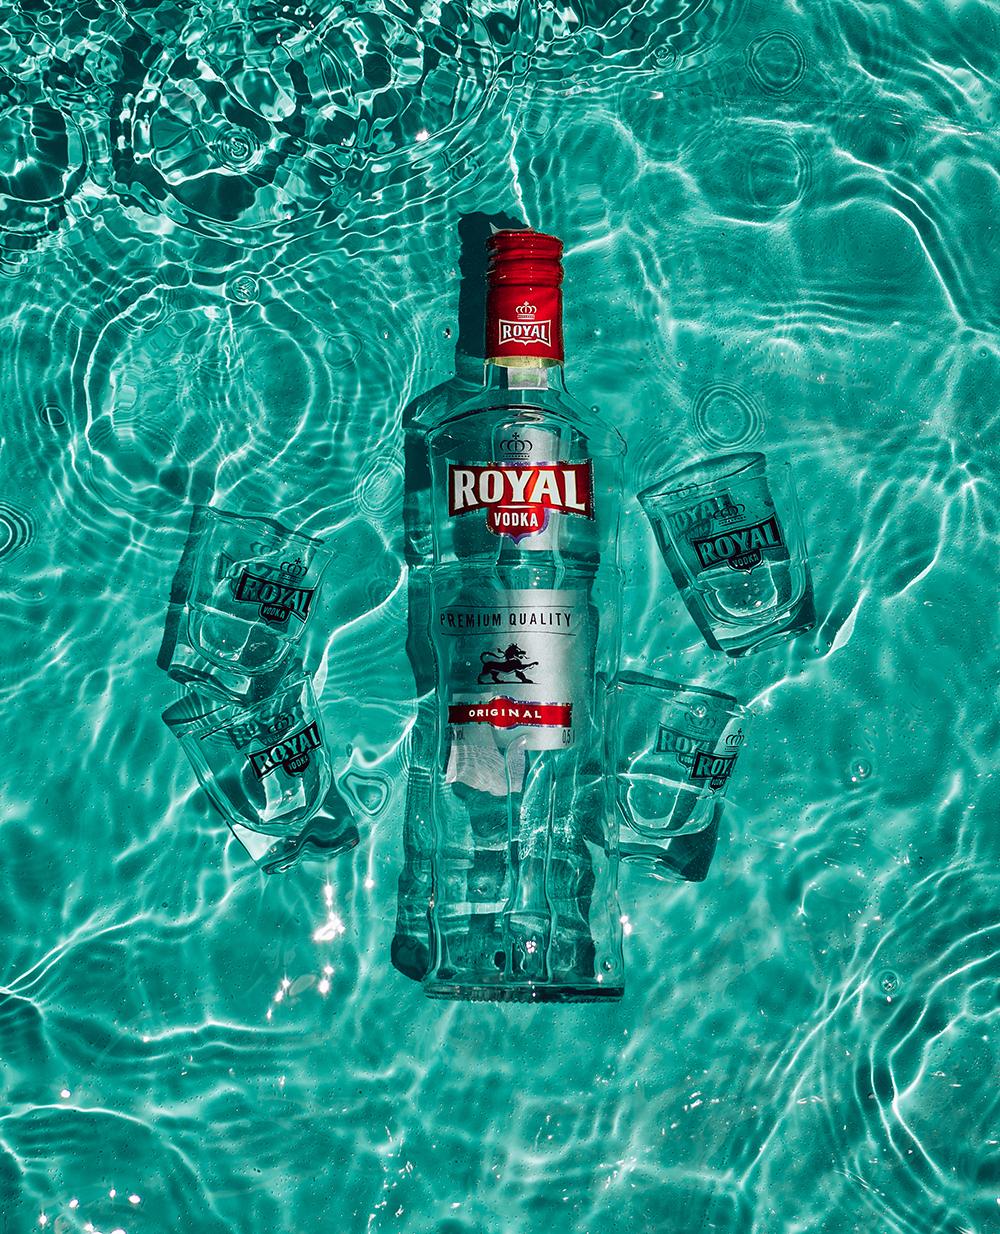 royal vodka social media